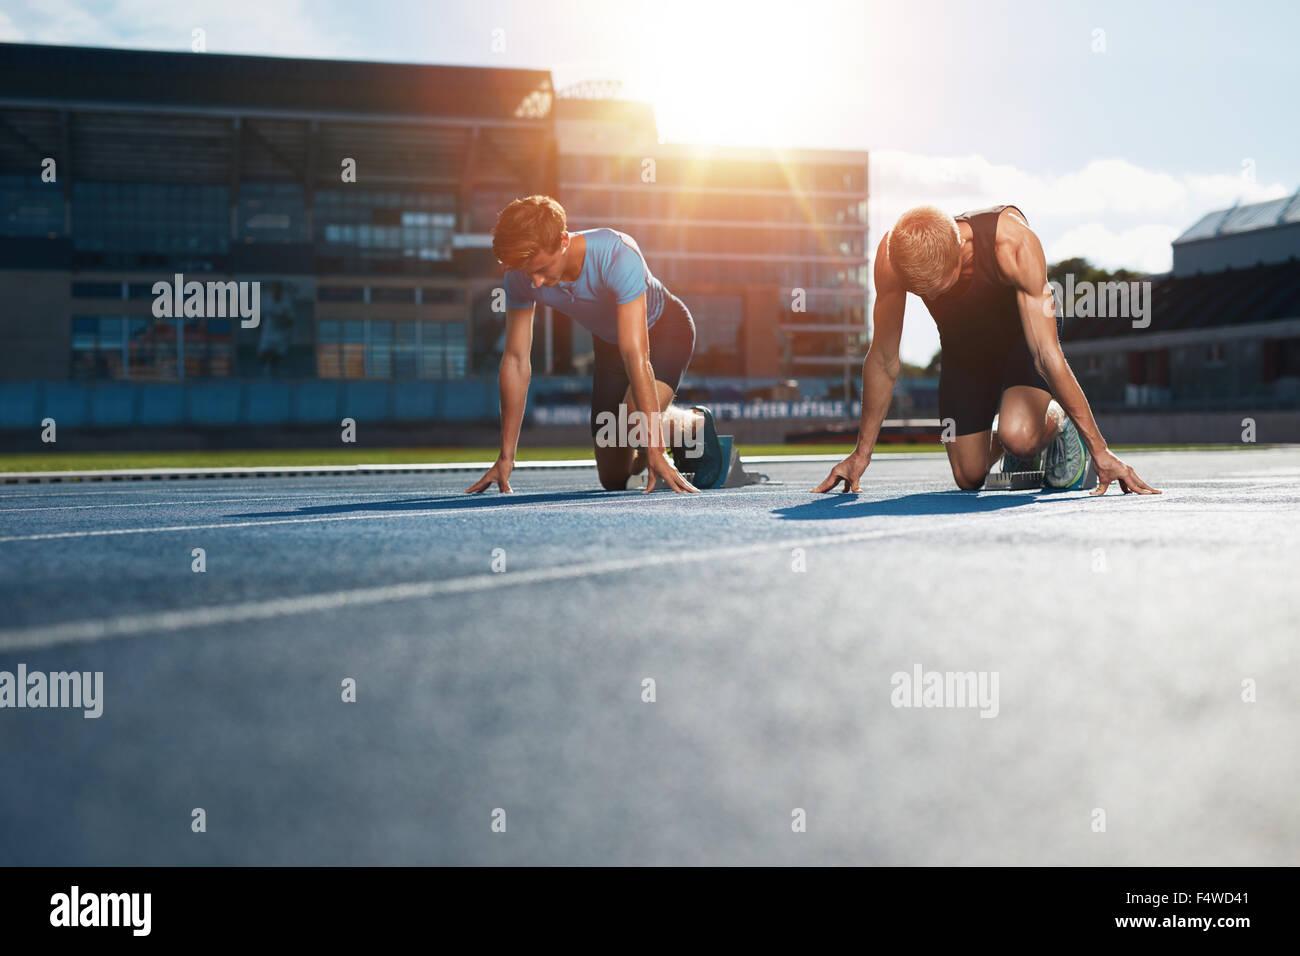 Giovani atleti la preparazione alla gara di avviare blocchi nel Stadium. Velocisti in blocchi di partenza pronto Foto Stock